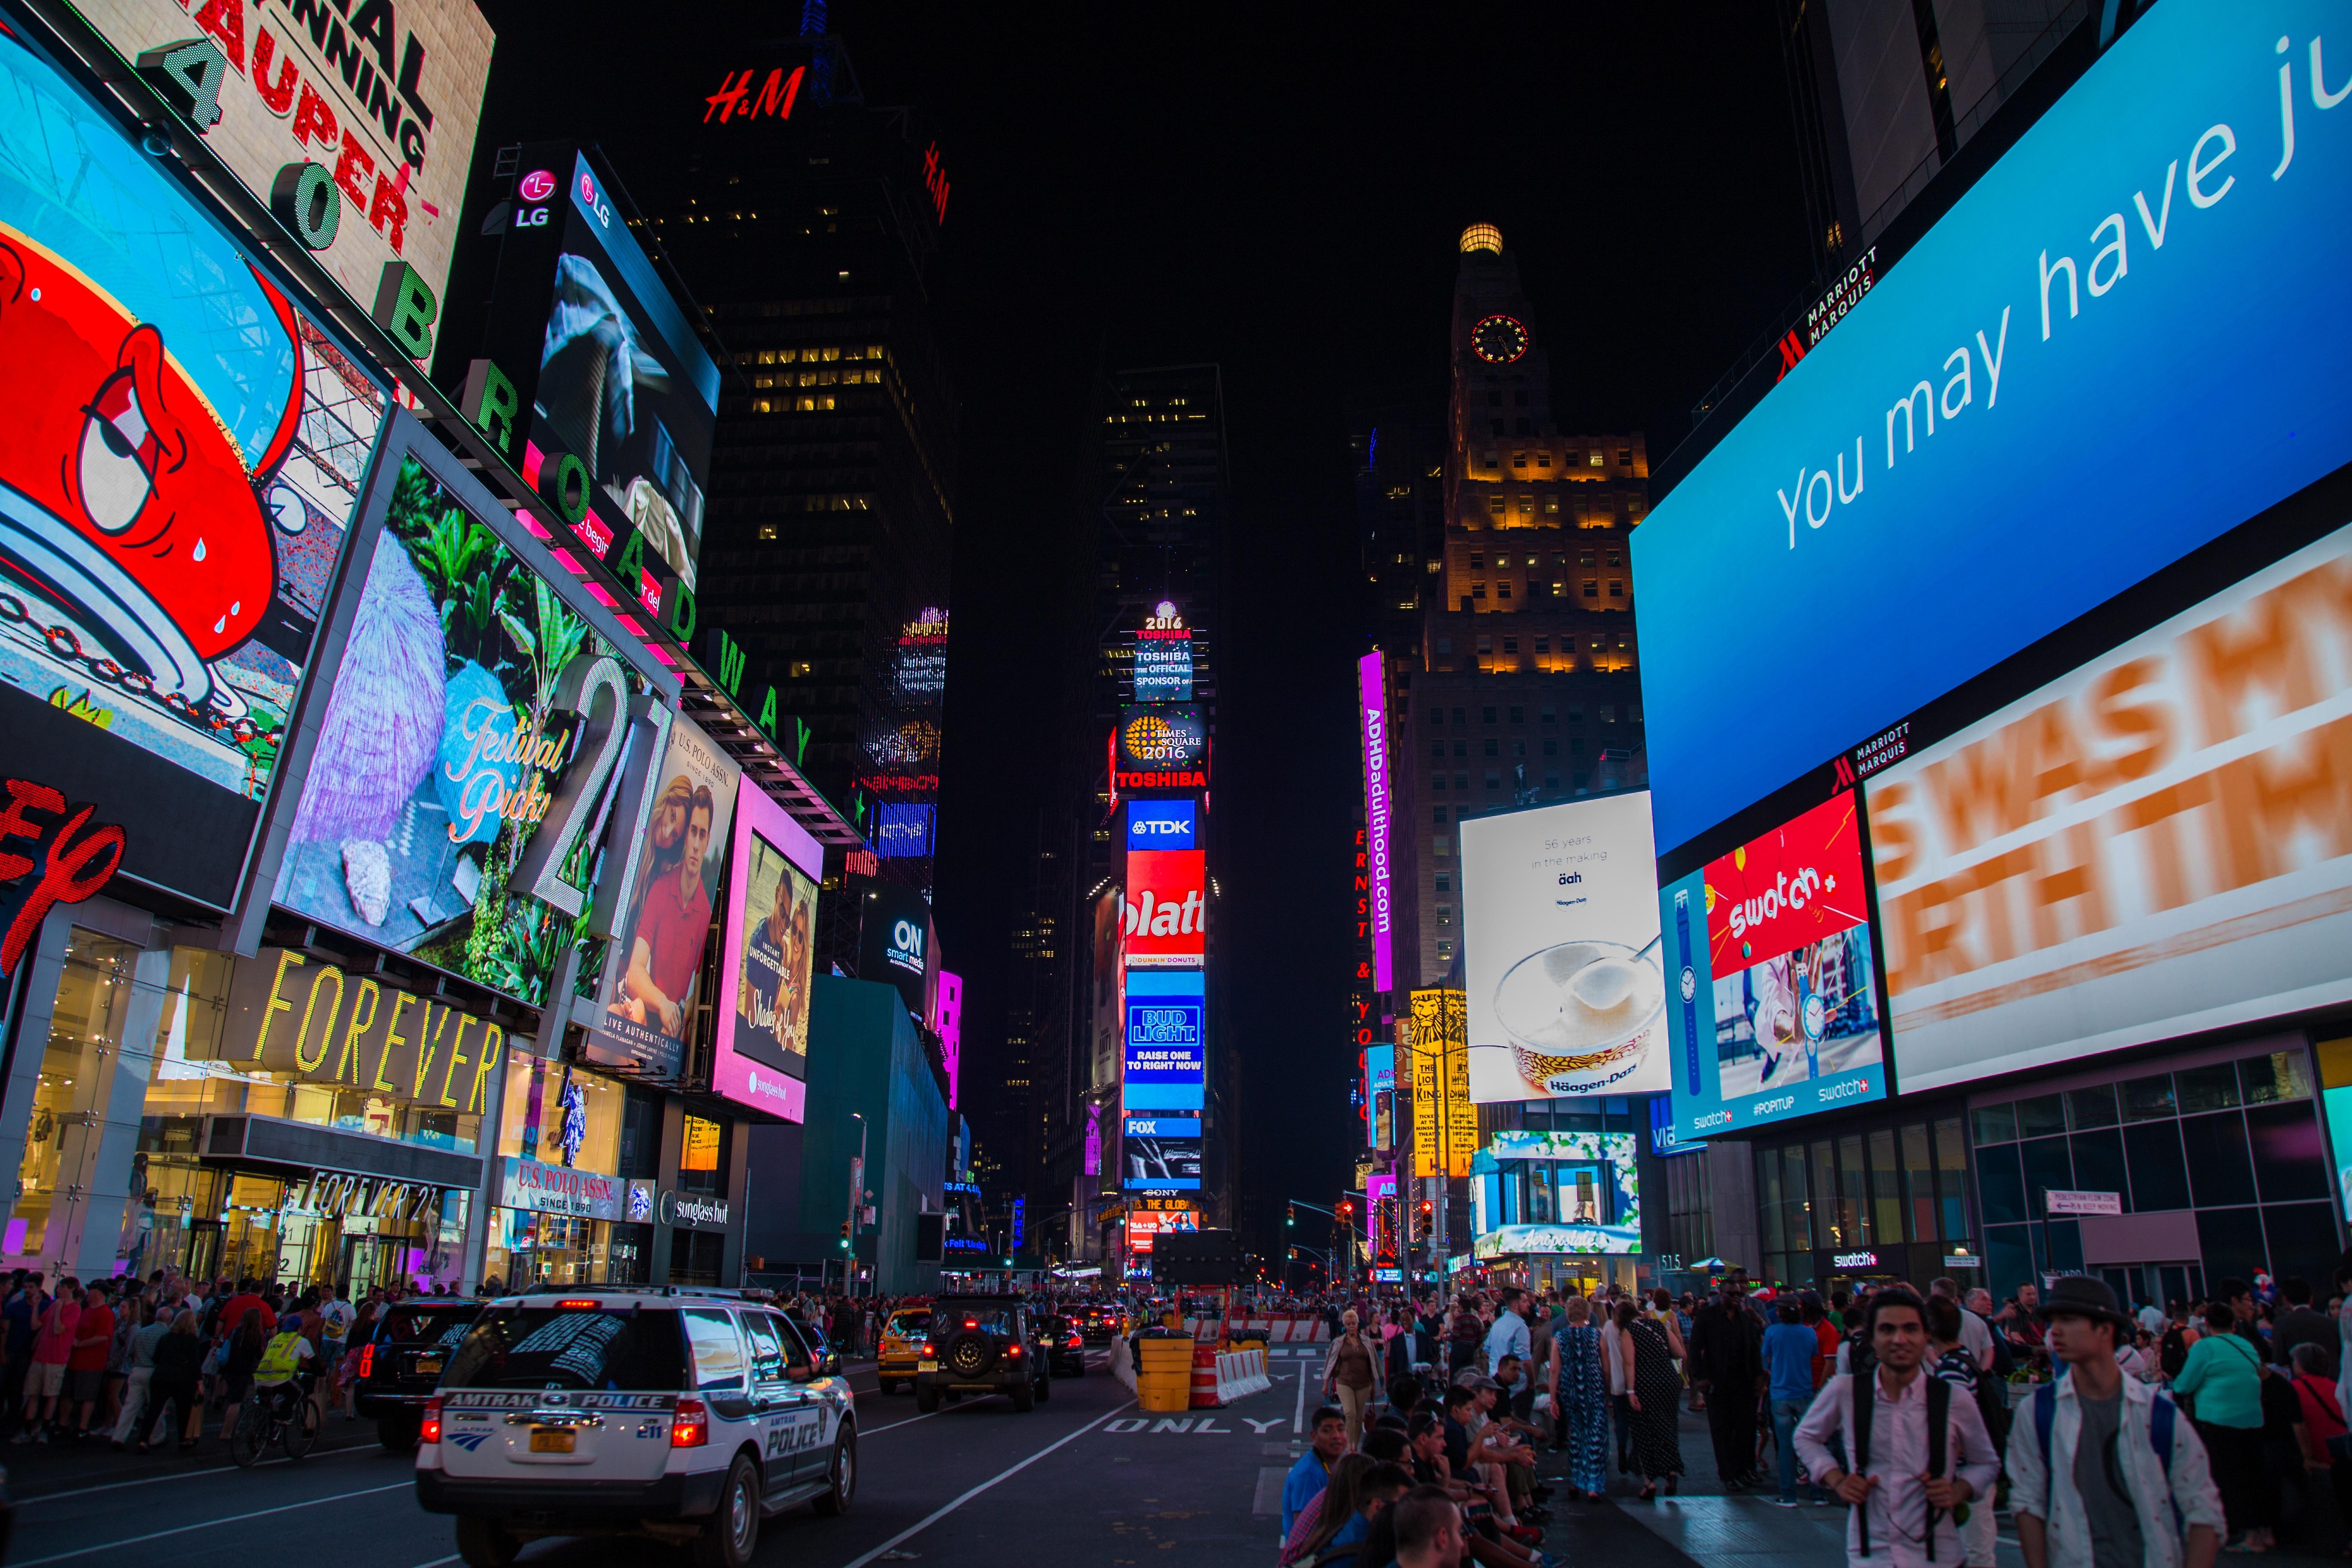 Брови картинки для рекламы жду на брови празднует юбилей